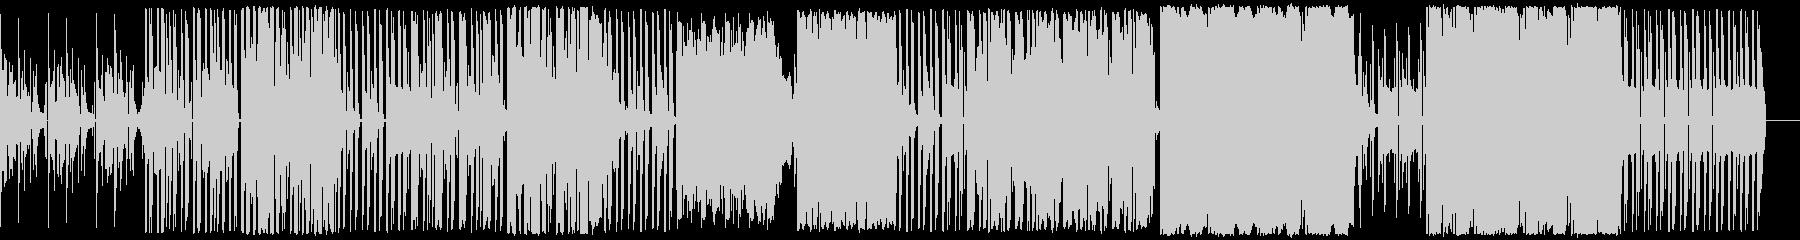 汎用性の高いサイバー感のあるBGMの未再生の波形